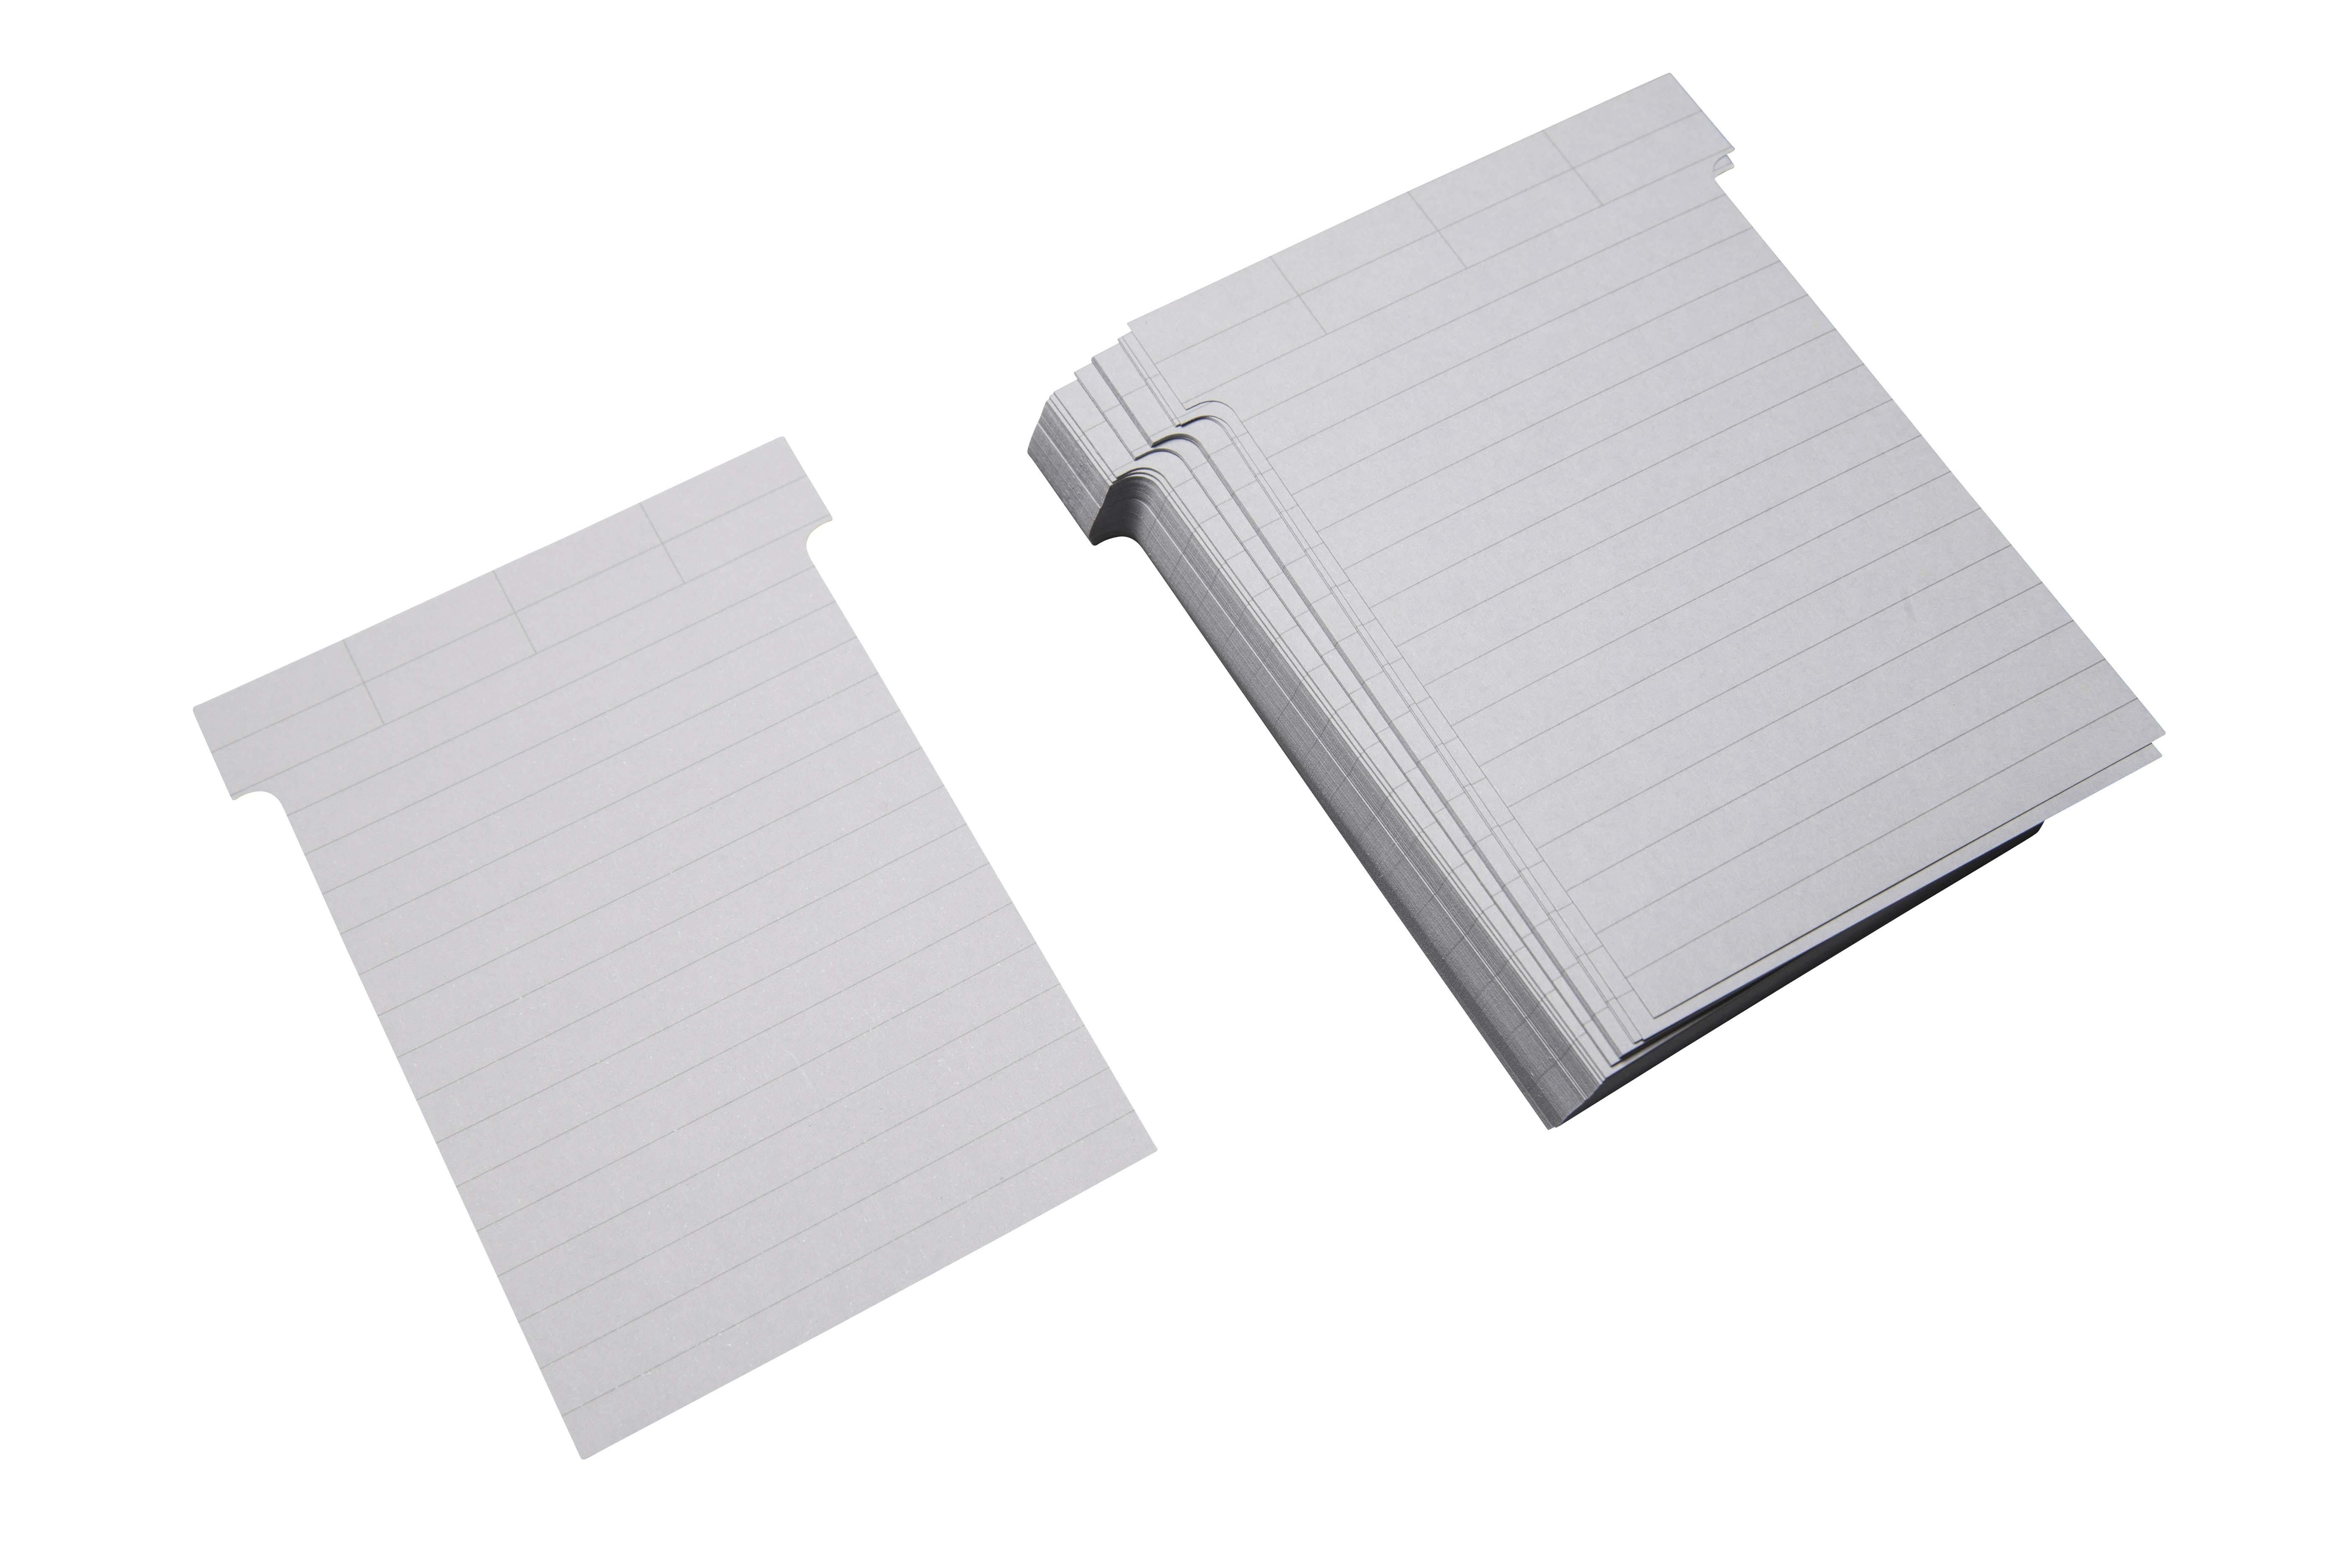 T-Karten zur Beschriftung per Hand (liniert)